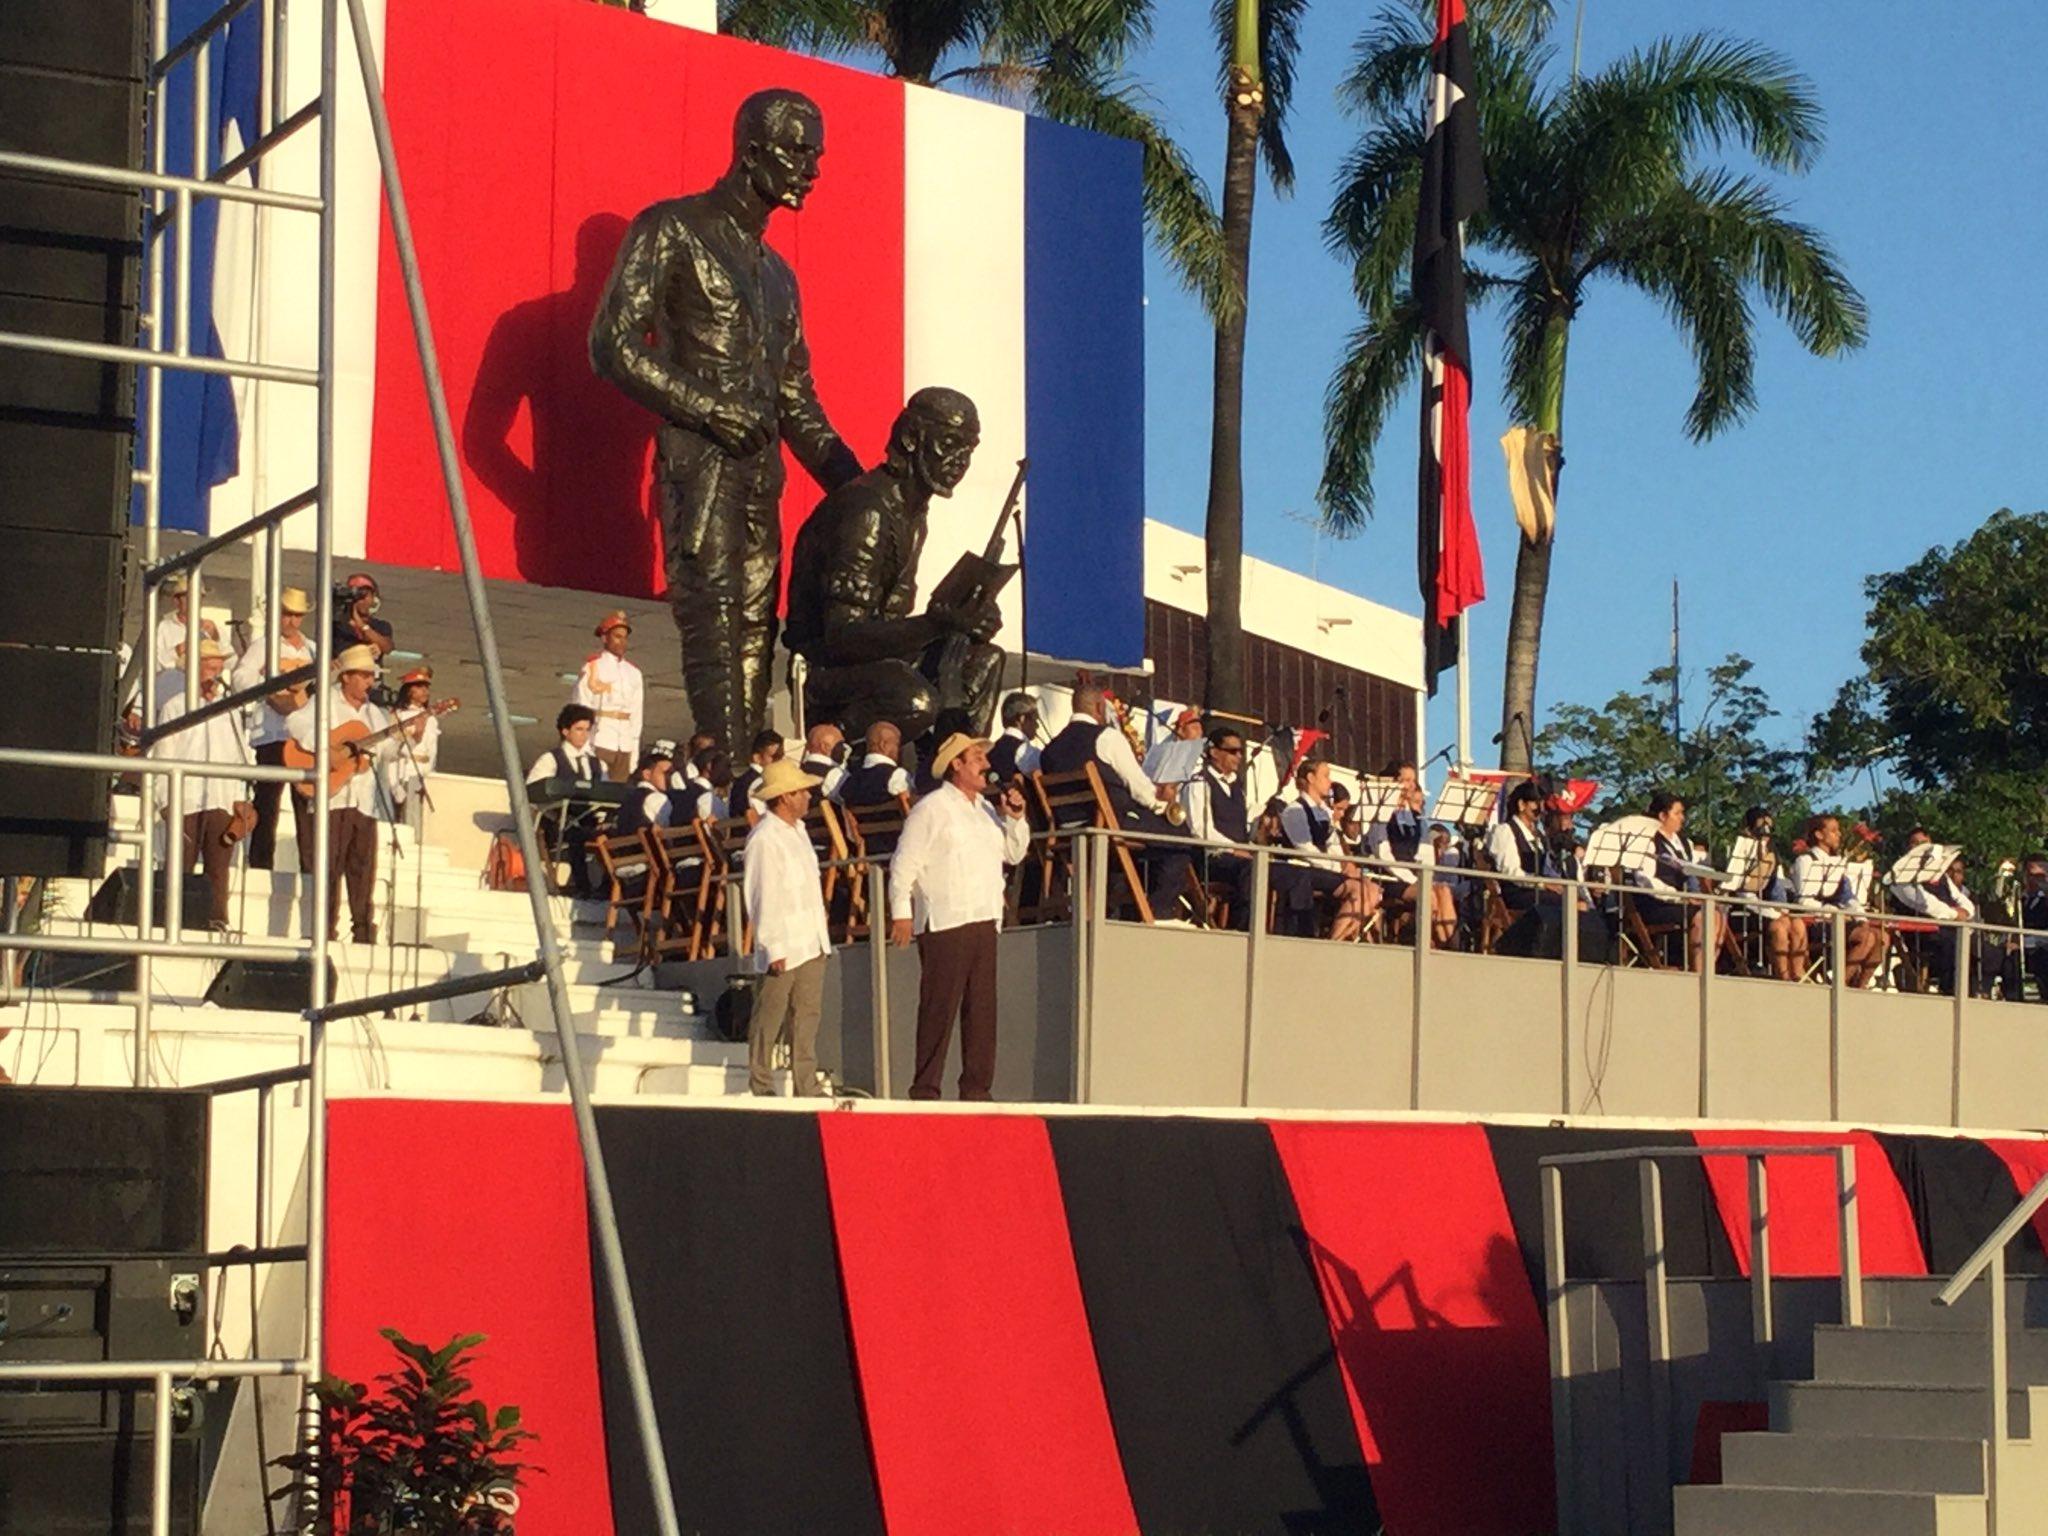 Los poetas emocionan al auditorio. (Foto: Marlys Rodríguez/ Escambray)